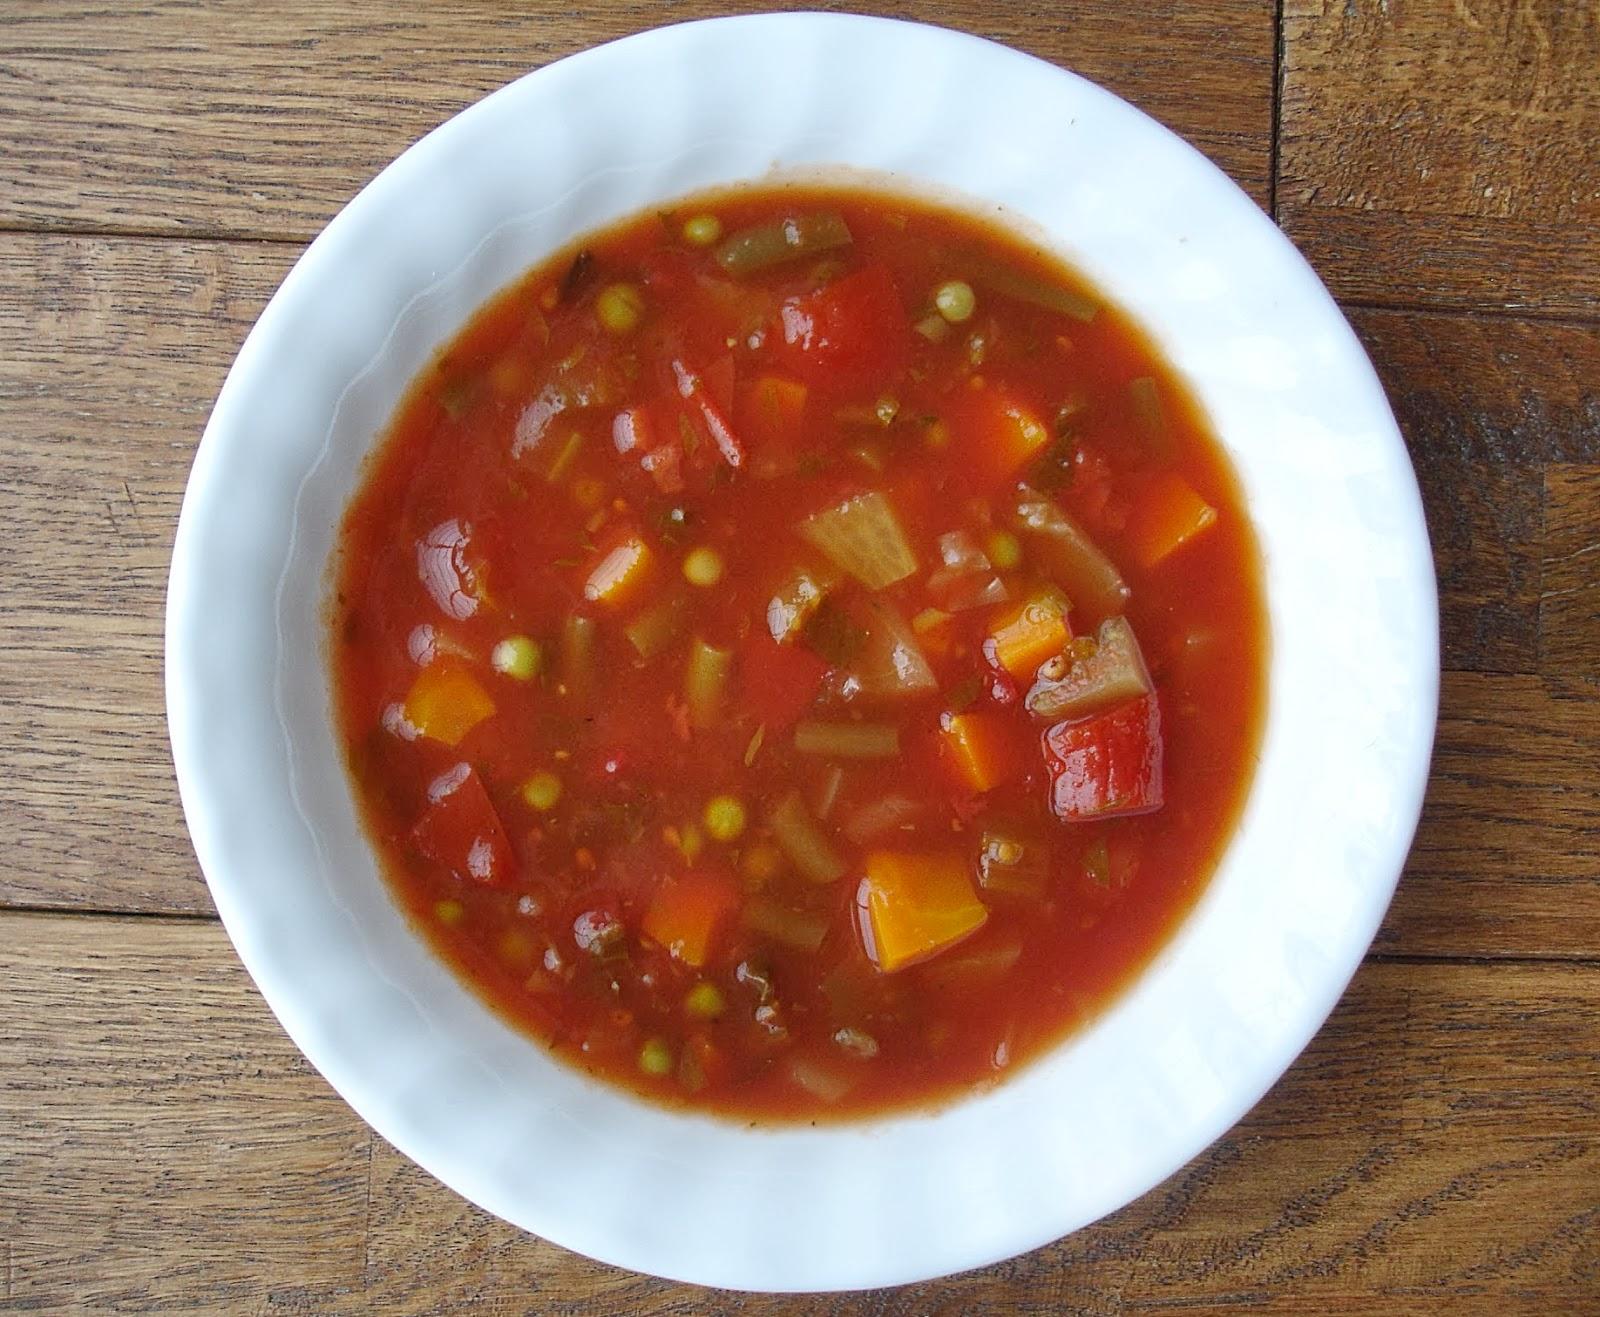 Destination santé: Soupe aux légumes au goût d'autrefois